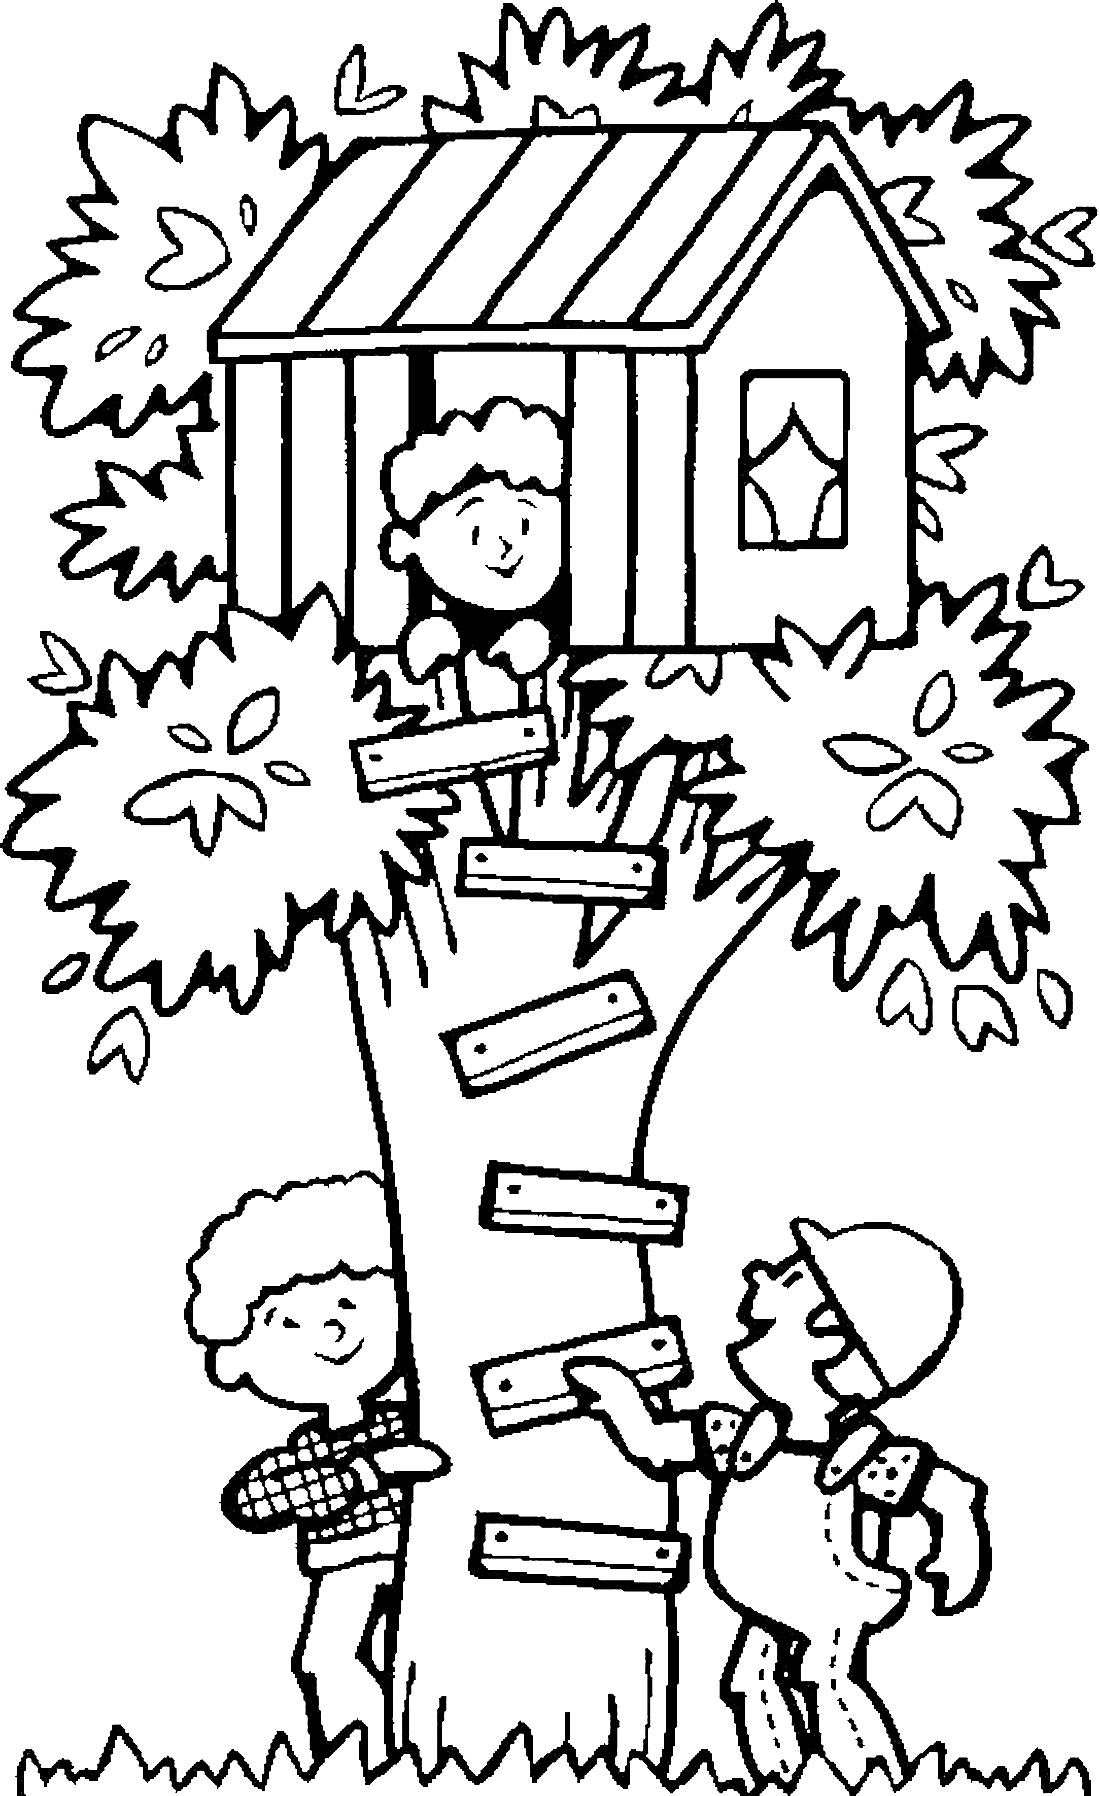 Летние игры на дереве - раскраска №3031 | Printonic.ru